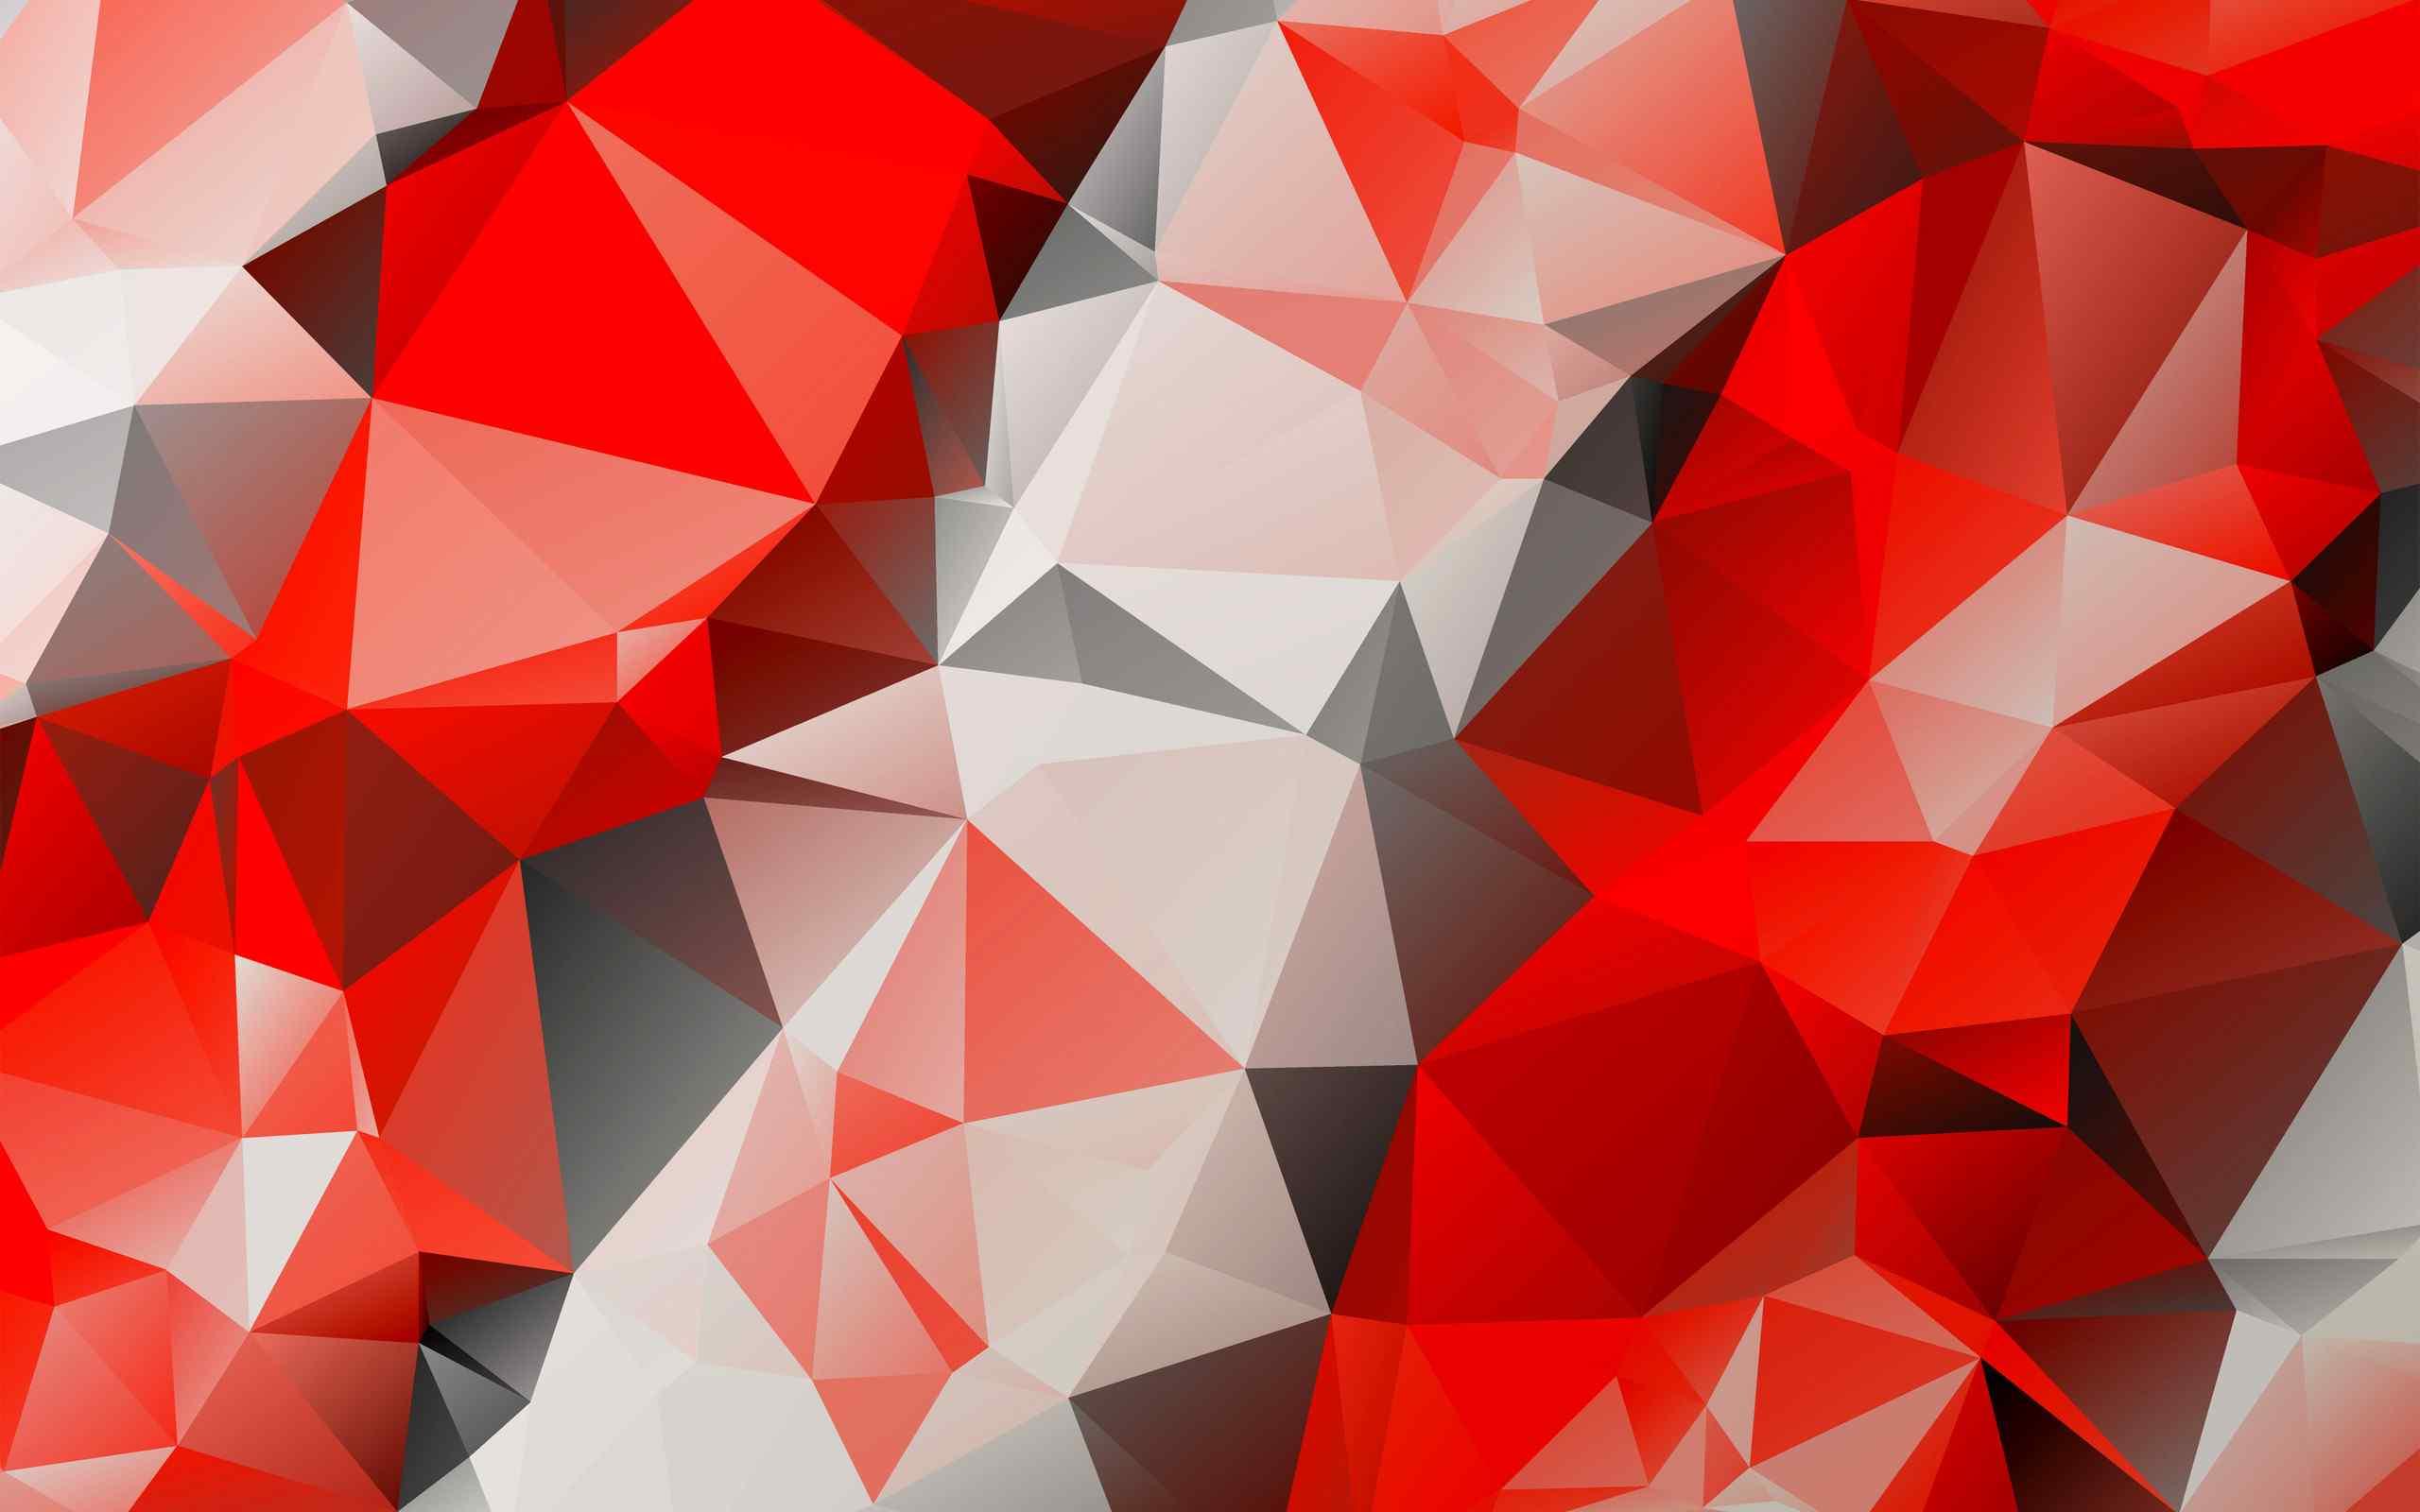 精美的红色纹理桌面壁纸